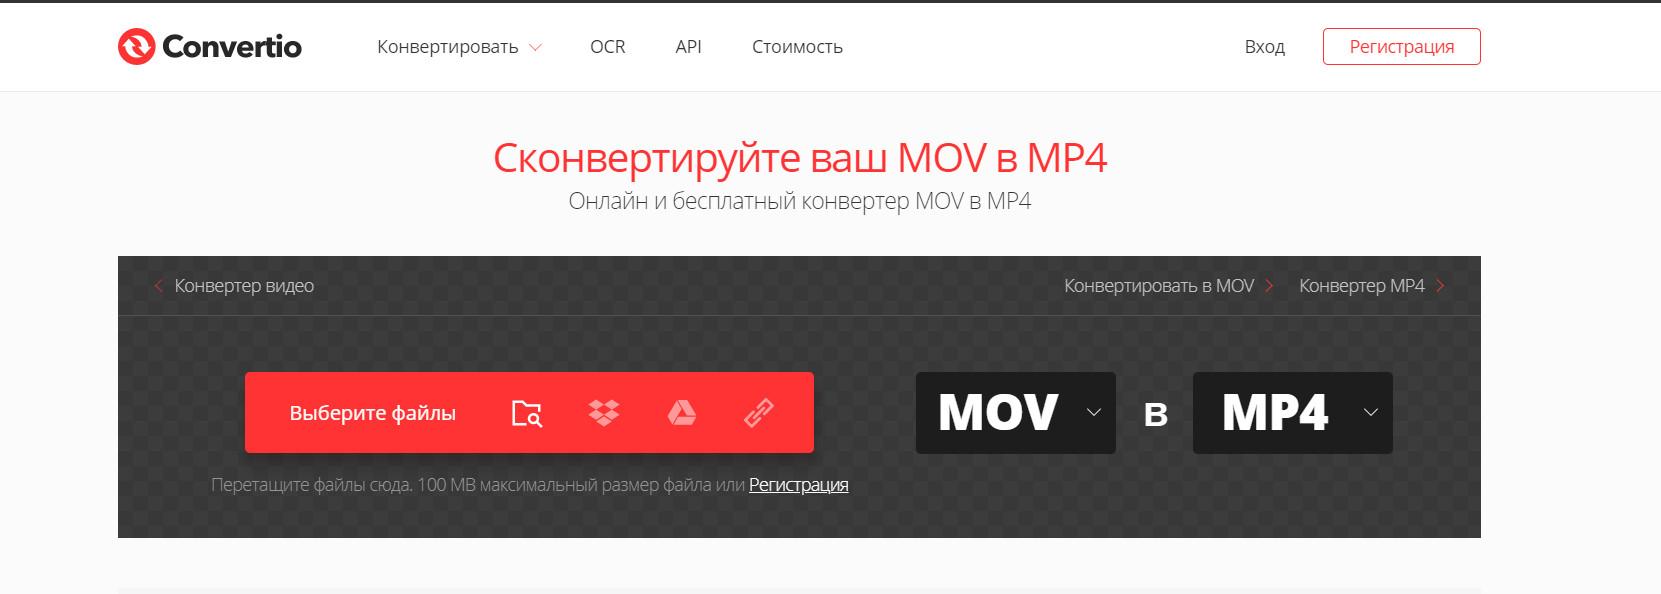 уменьшить размер файла мп4 онлайн